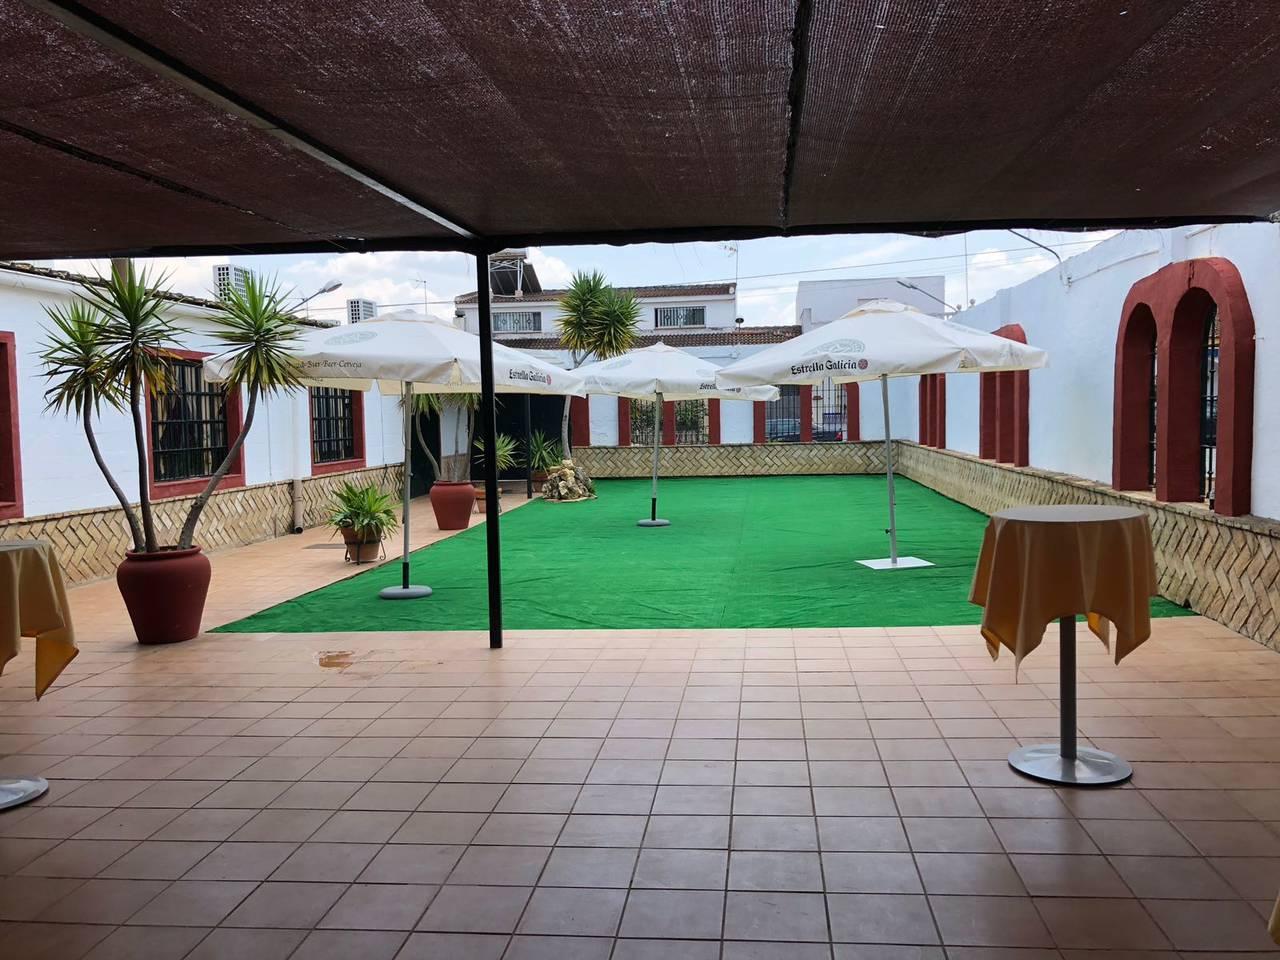 Alquiler de salón de celebraciones en Espartinas (Sevilla)  - Foto 13